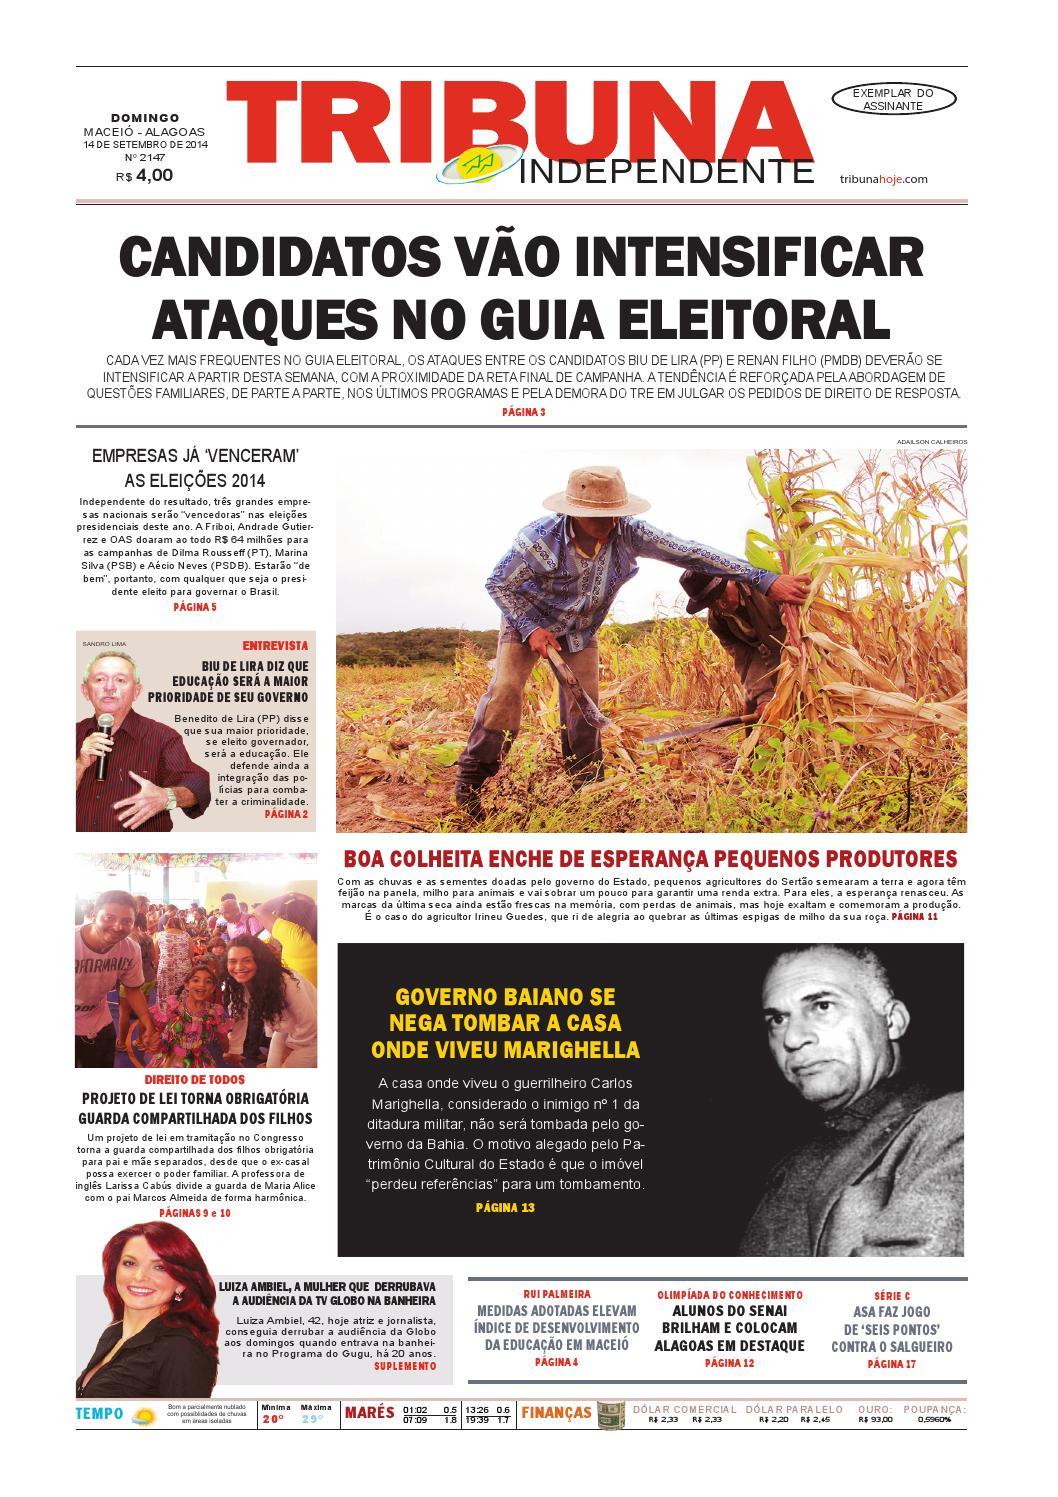 36a9633b22018 Edição número 2147 - 14 de setembro de 2014 by Tribuna Hoje - issuu